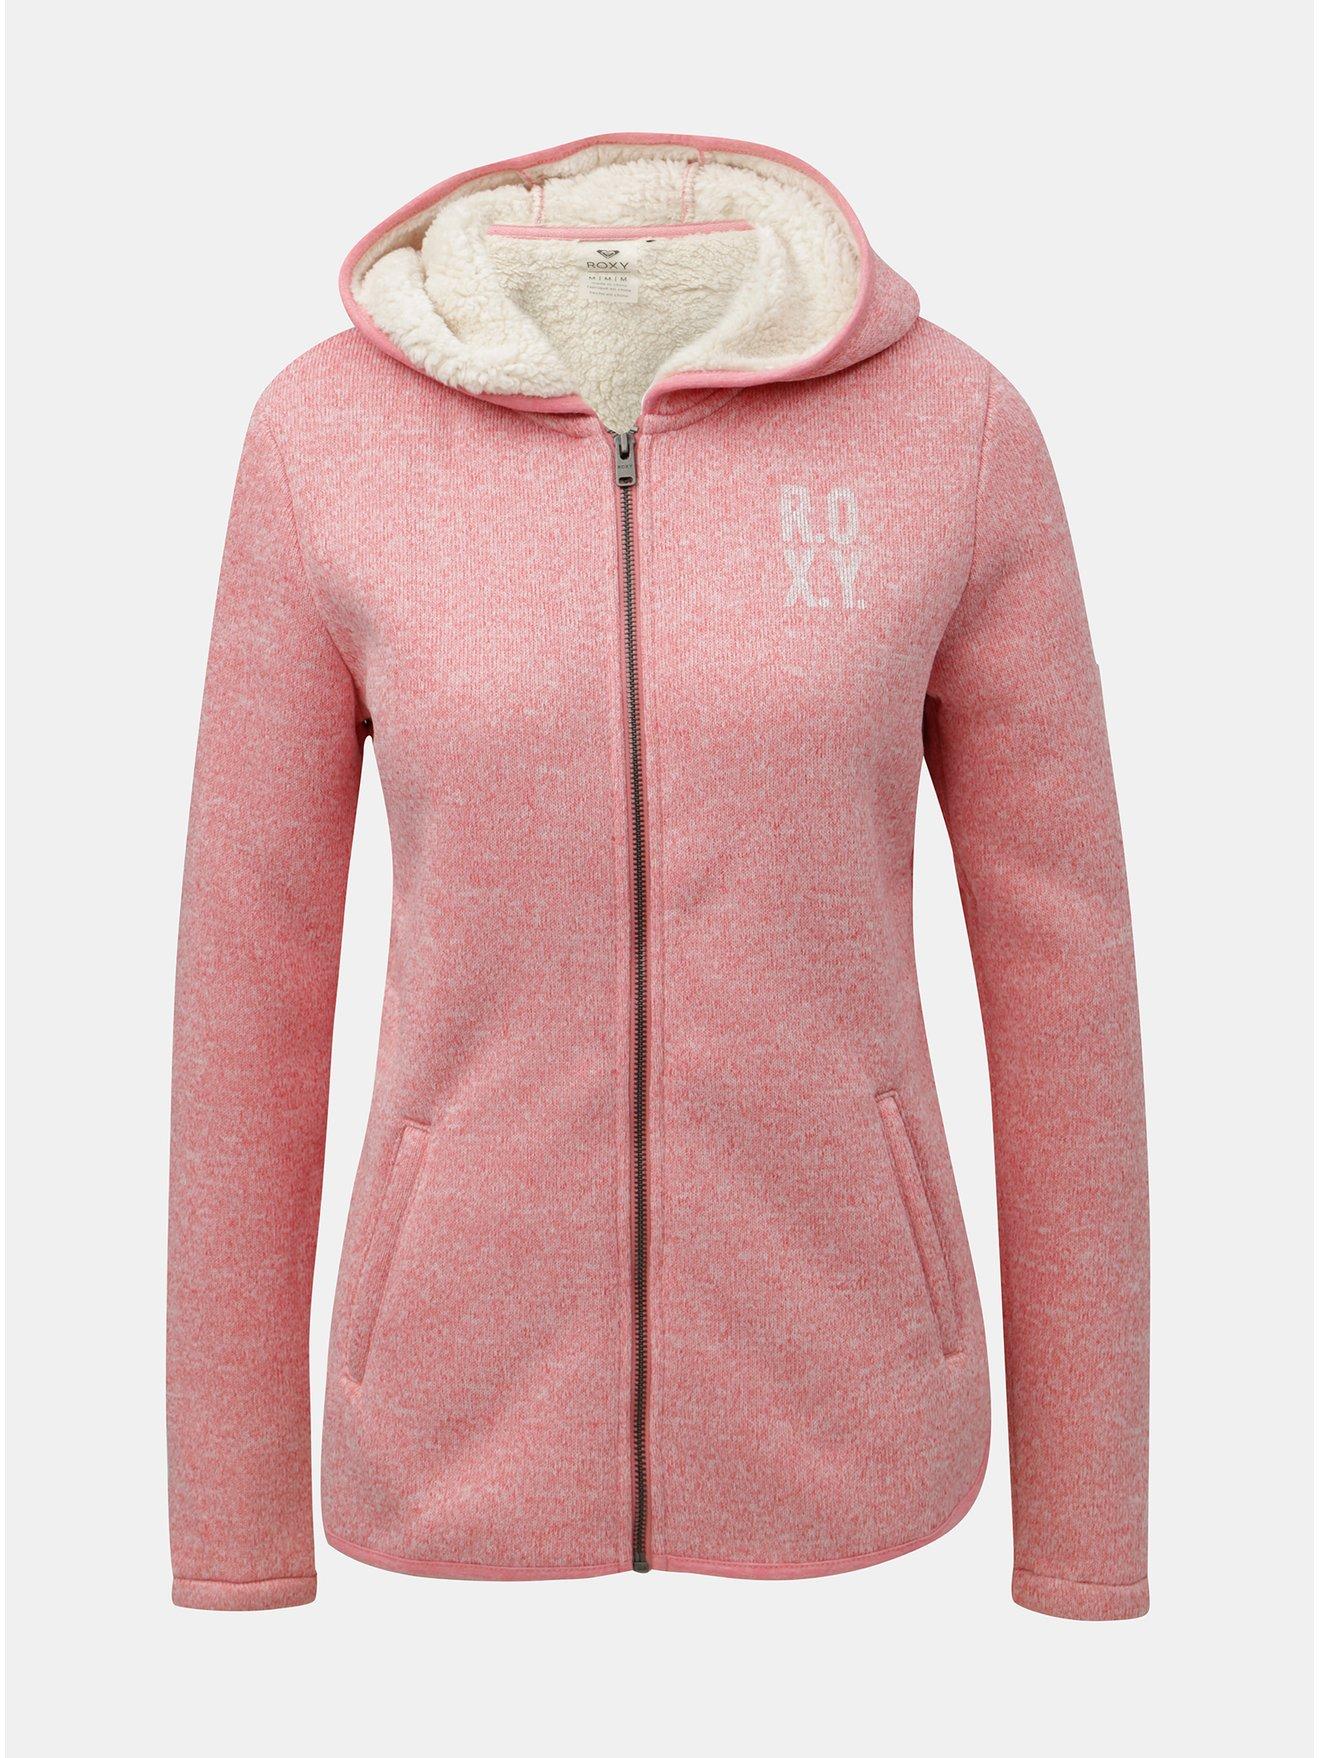 Růžový dámský fleecový svetr na zip s vnitřním umělým kožíškem Roxy Cosy a9eb9c9a4f